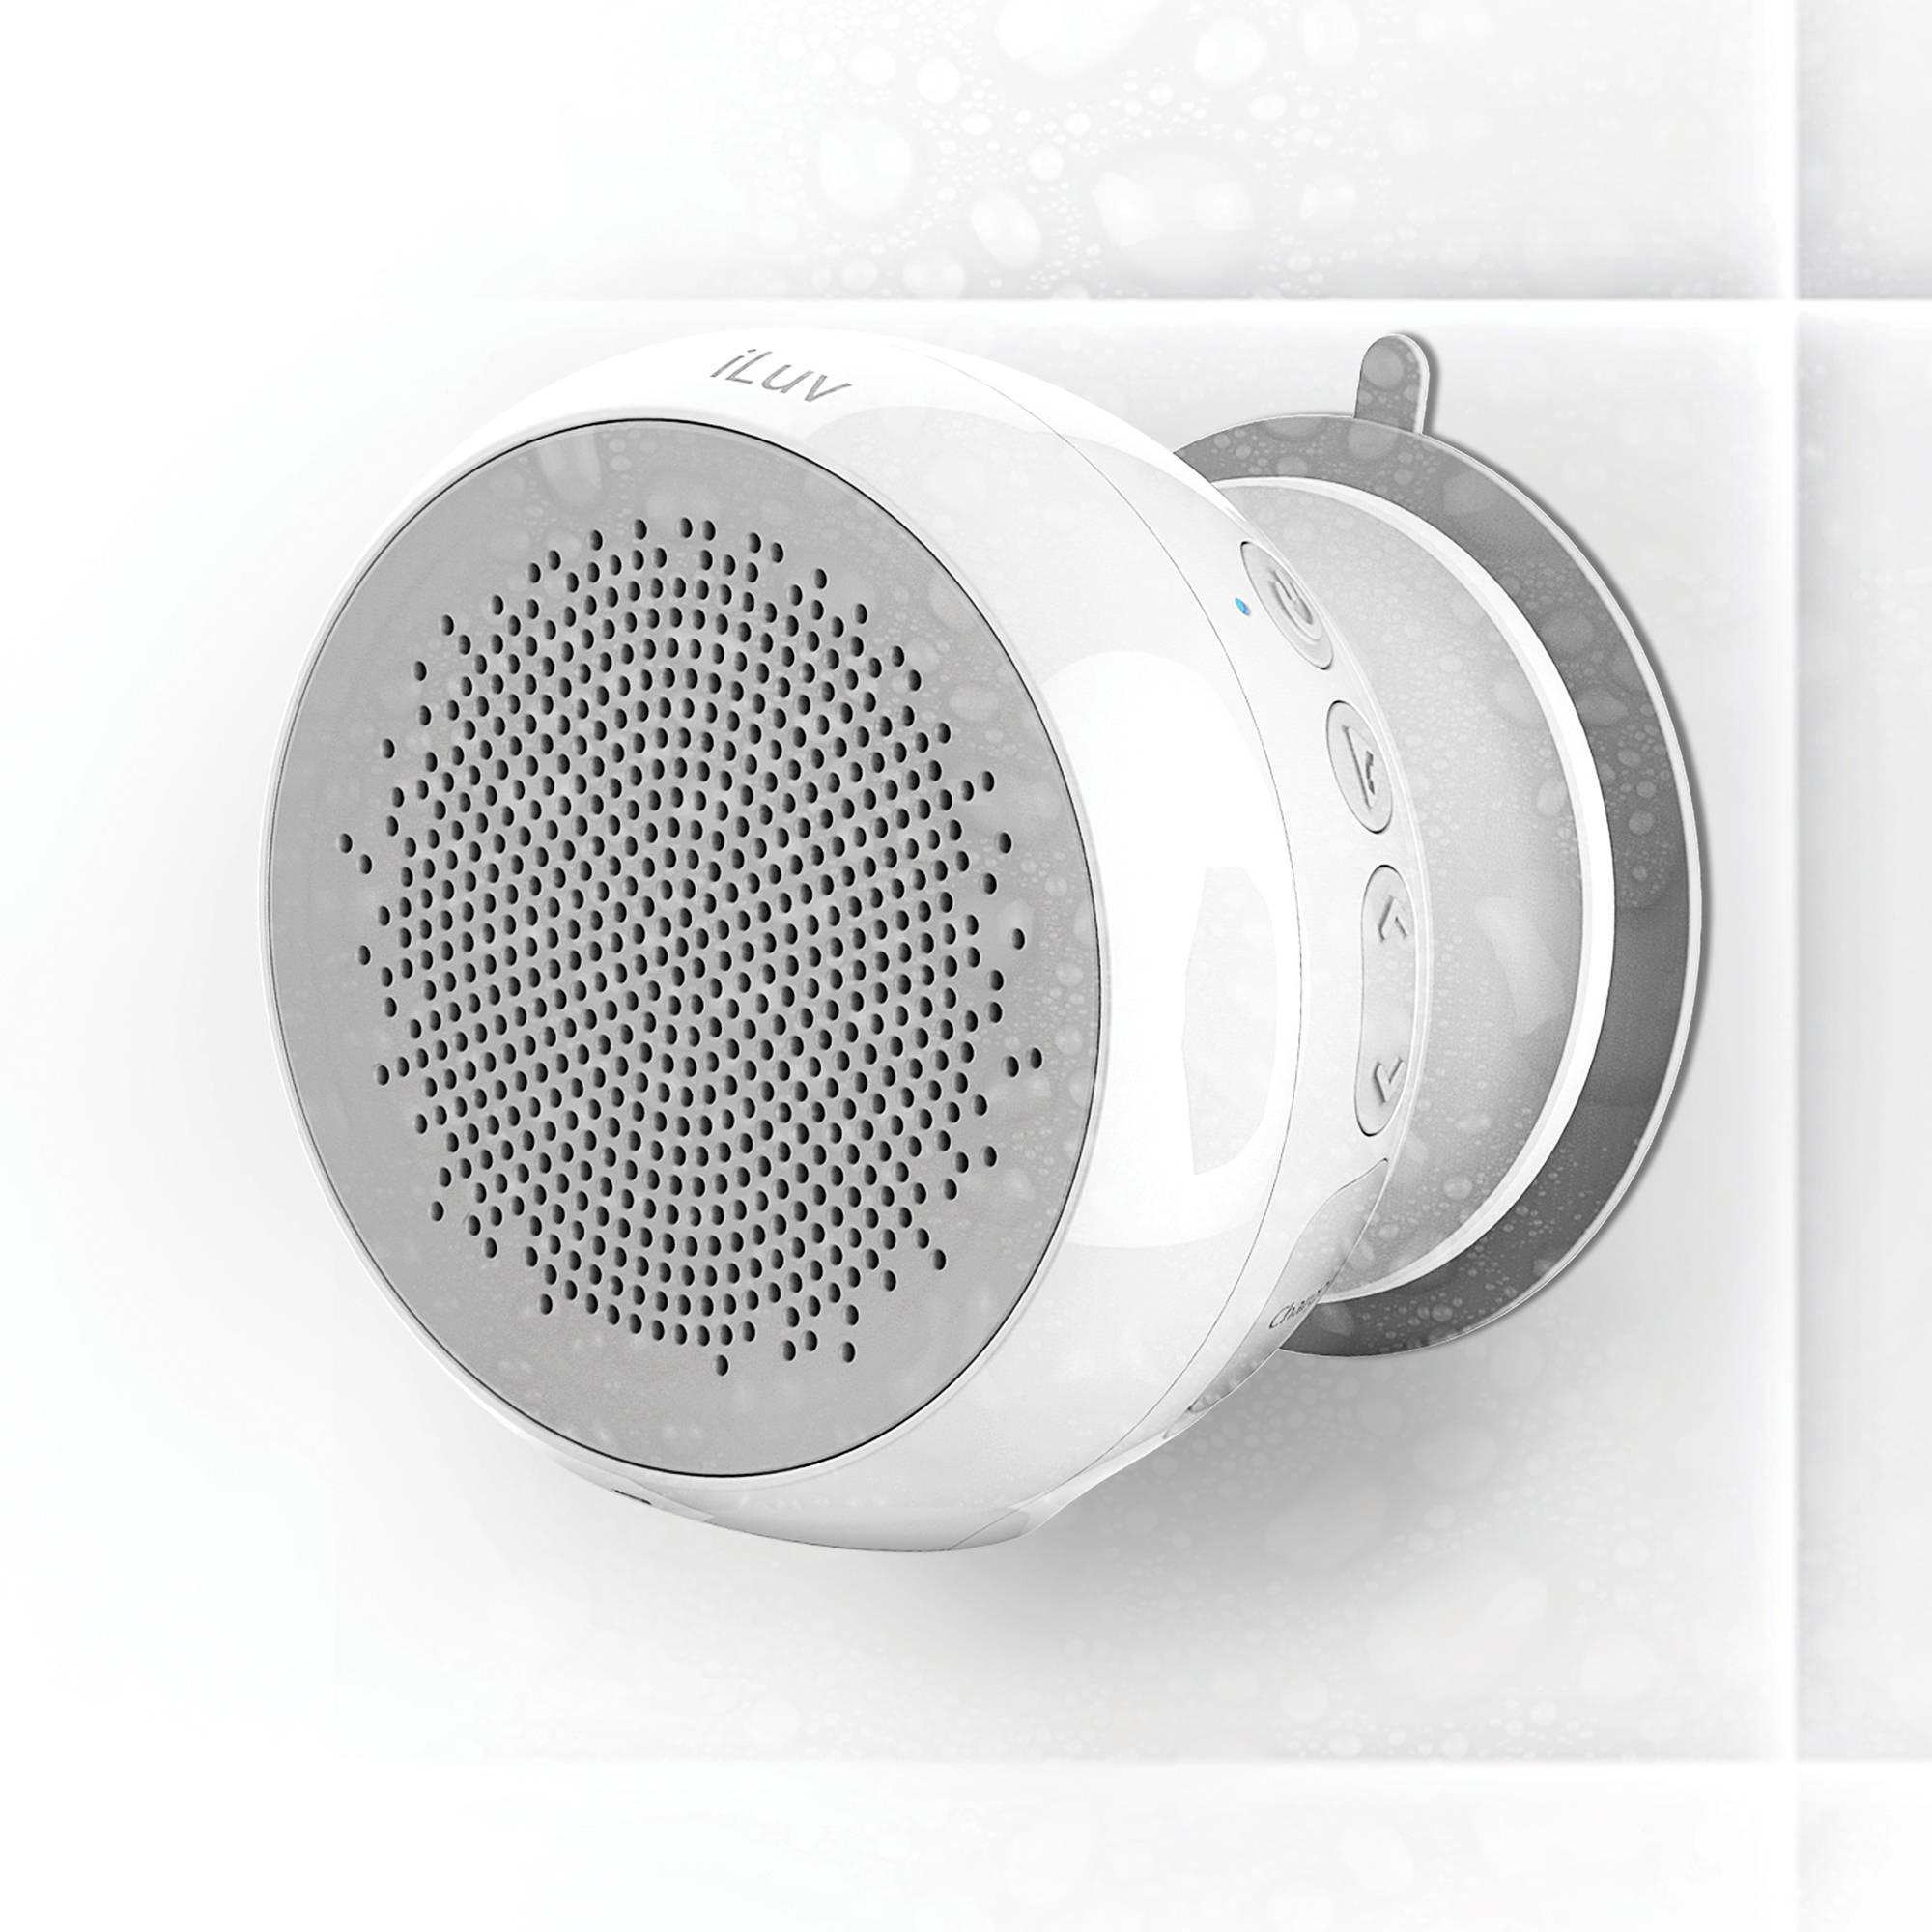 iLuv Shower Bluetooth Speaker